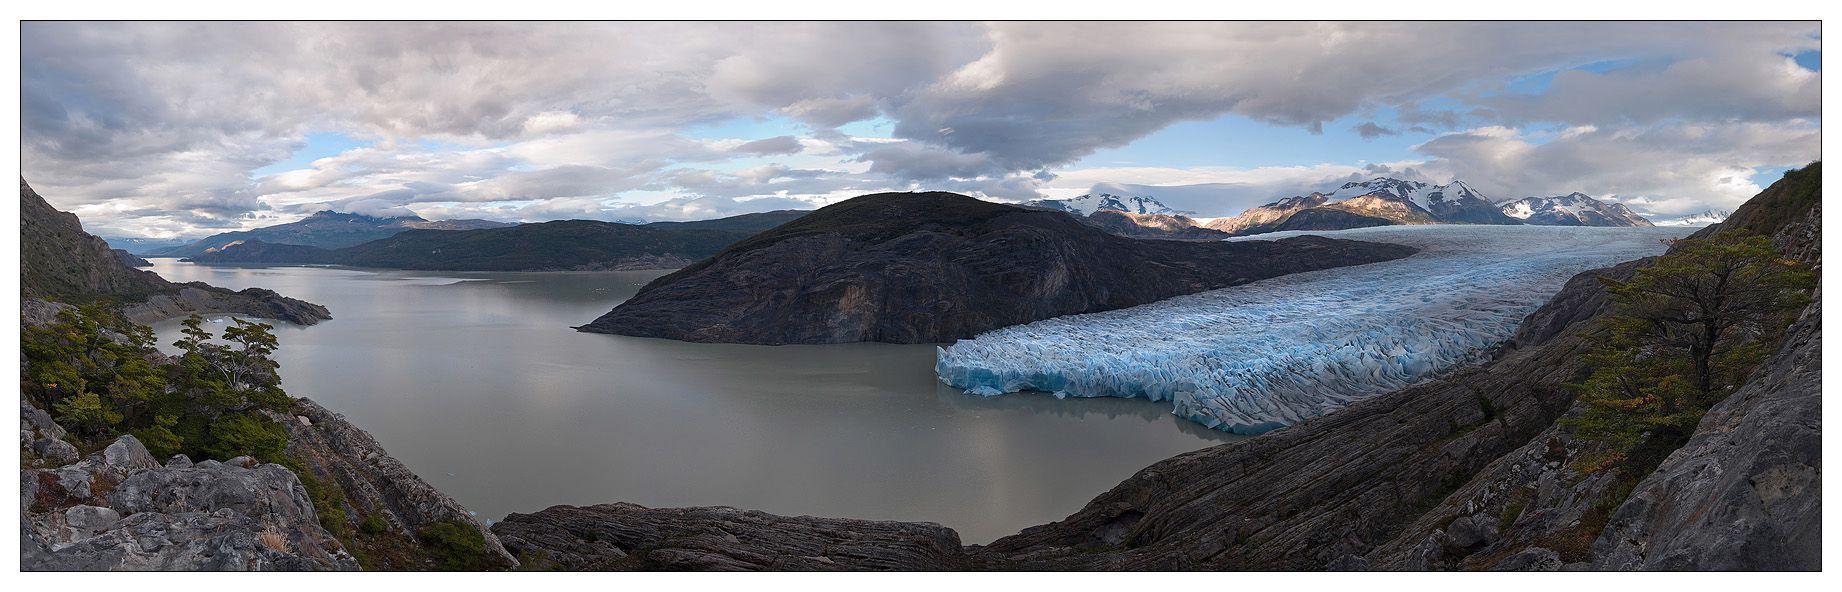 Со стороны Анд к Los Cuernos примыкает ледник Grey, который является частью Южного Патагонского ледового поля, третьего по величине на Земле, после Антарктики и Гренландии. Длина ледника Grey примерно 28 км. и площадь 270 кв.км.